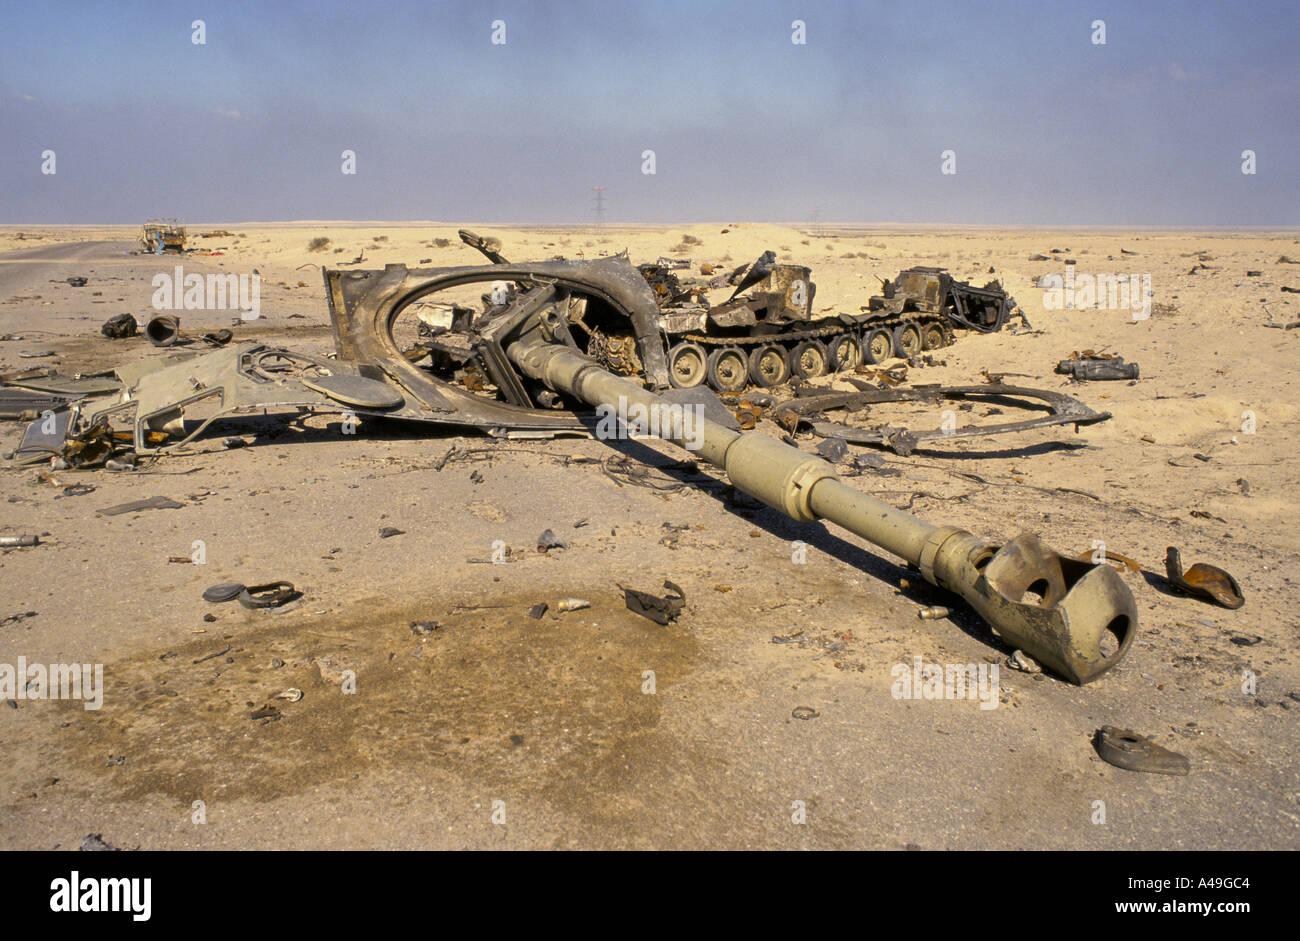 kuwait war aftermath knocked out iraqi tank 4 91 1991 - Stock Image